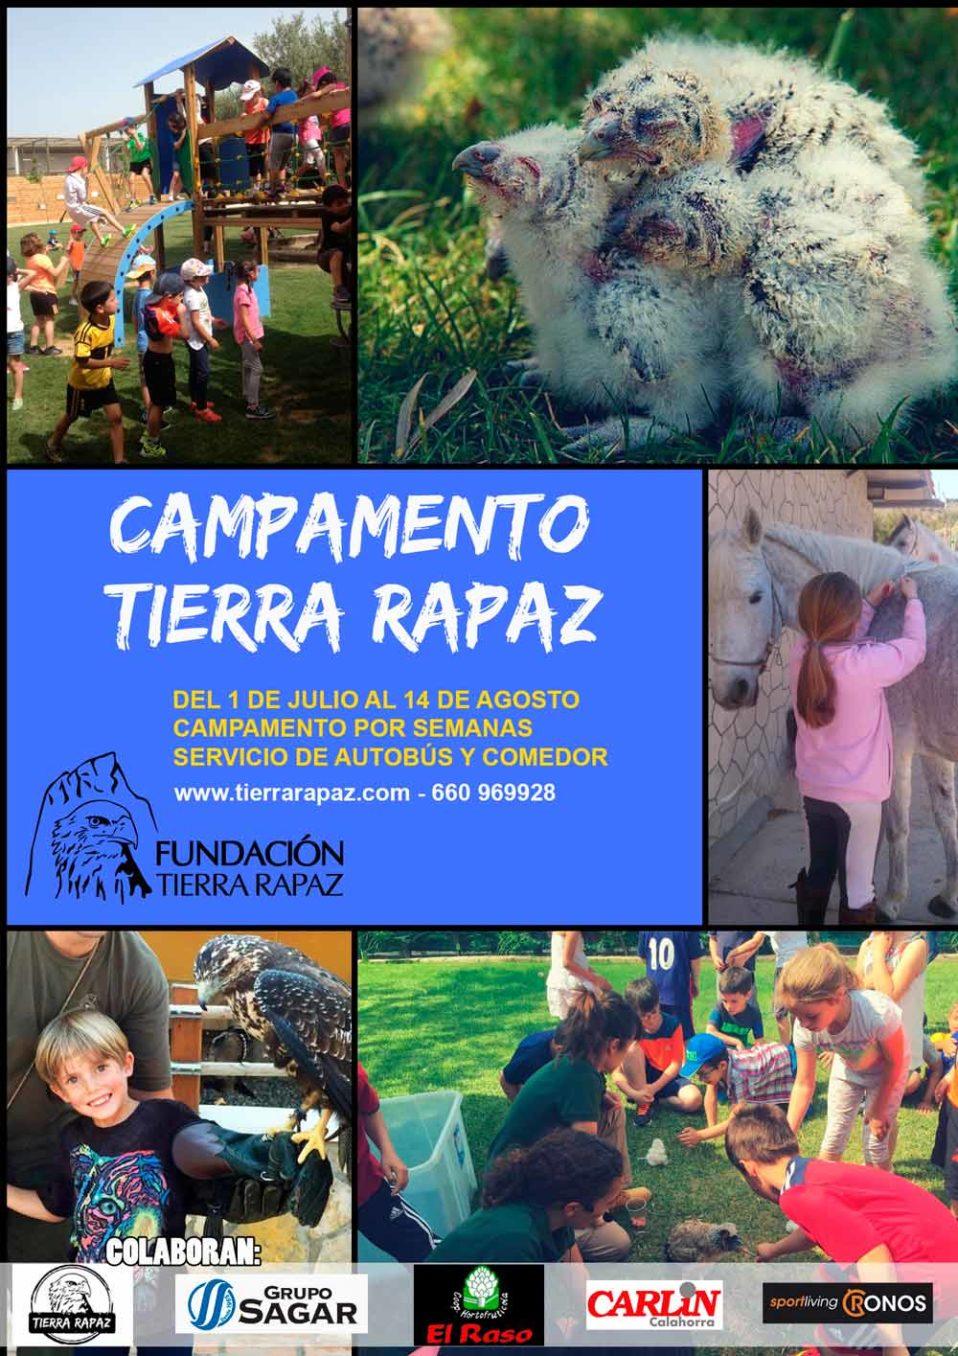 CAMPAMENTO-TIERRA-RAPAZ-2019 PATROCINADORES